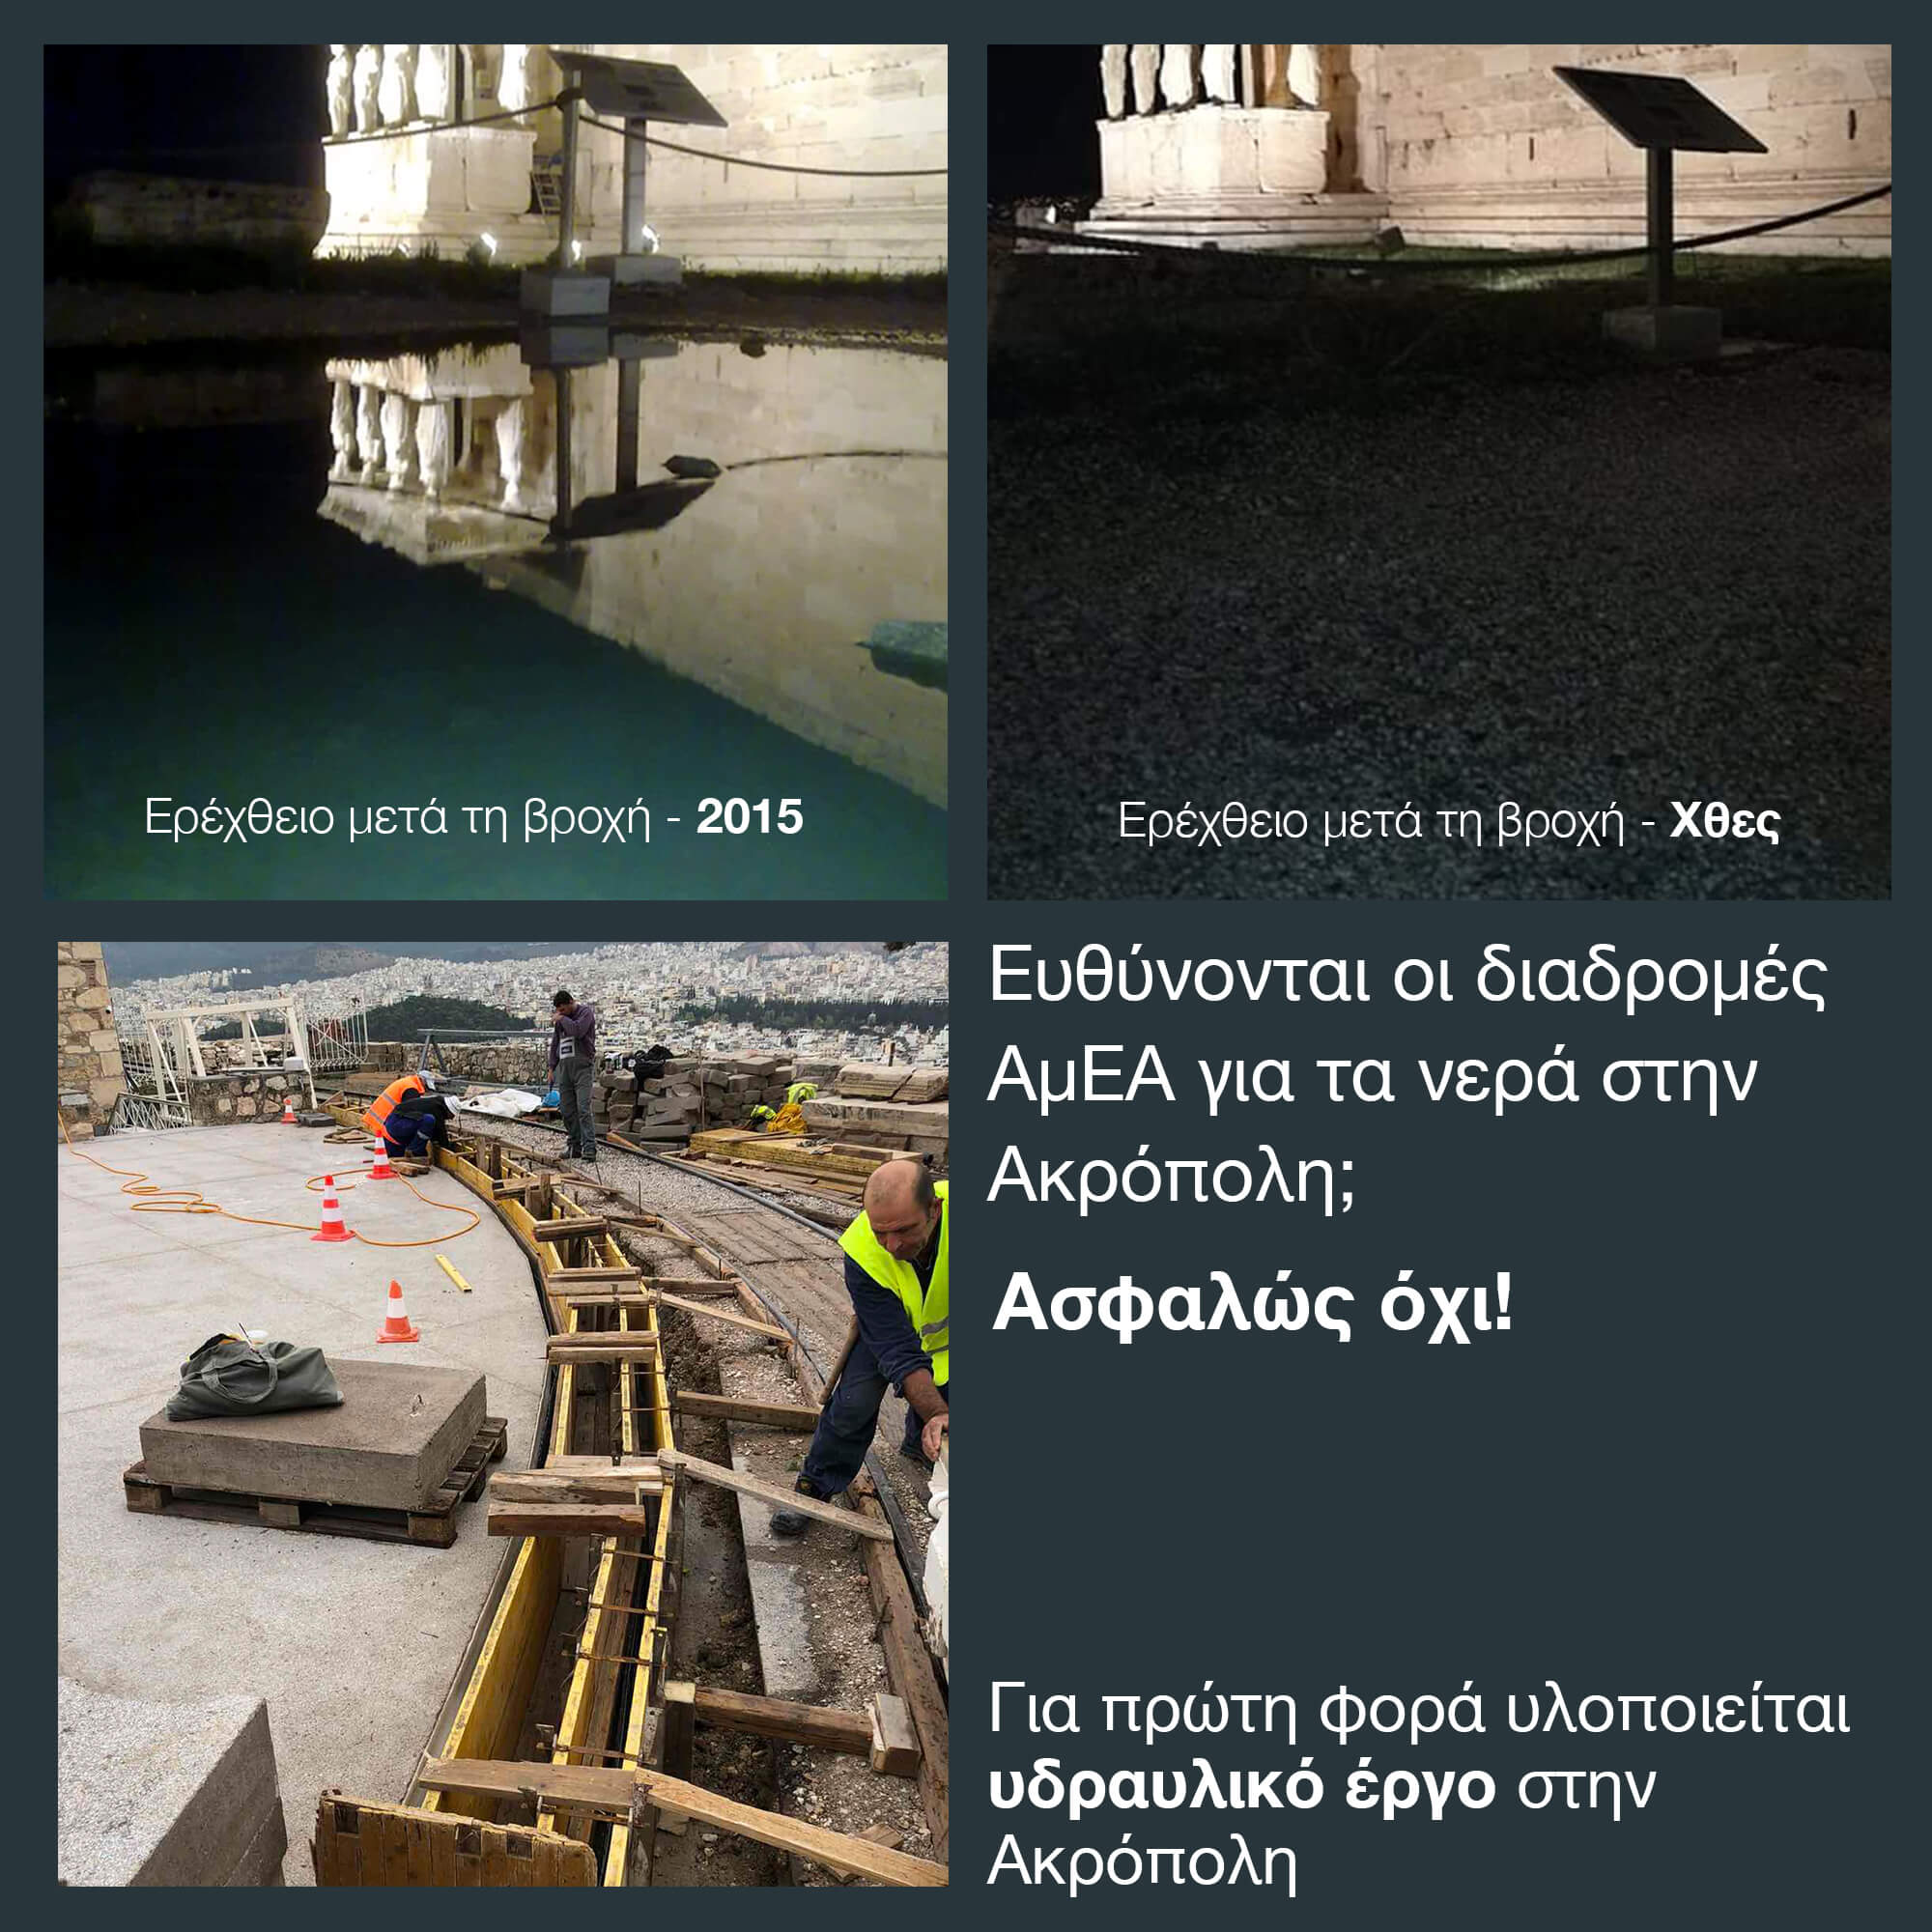 Η αλήθεια για τα νερά στην Ακρόπολη